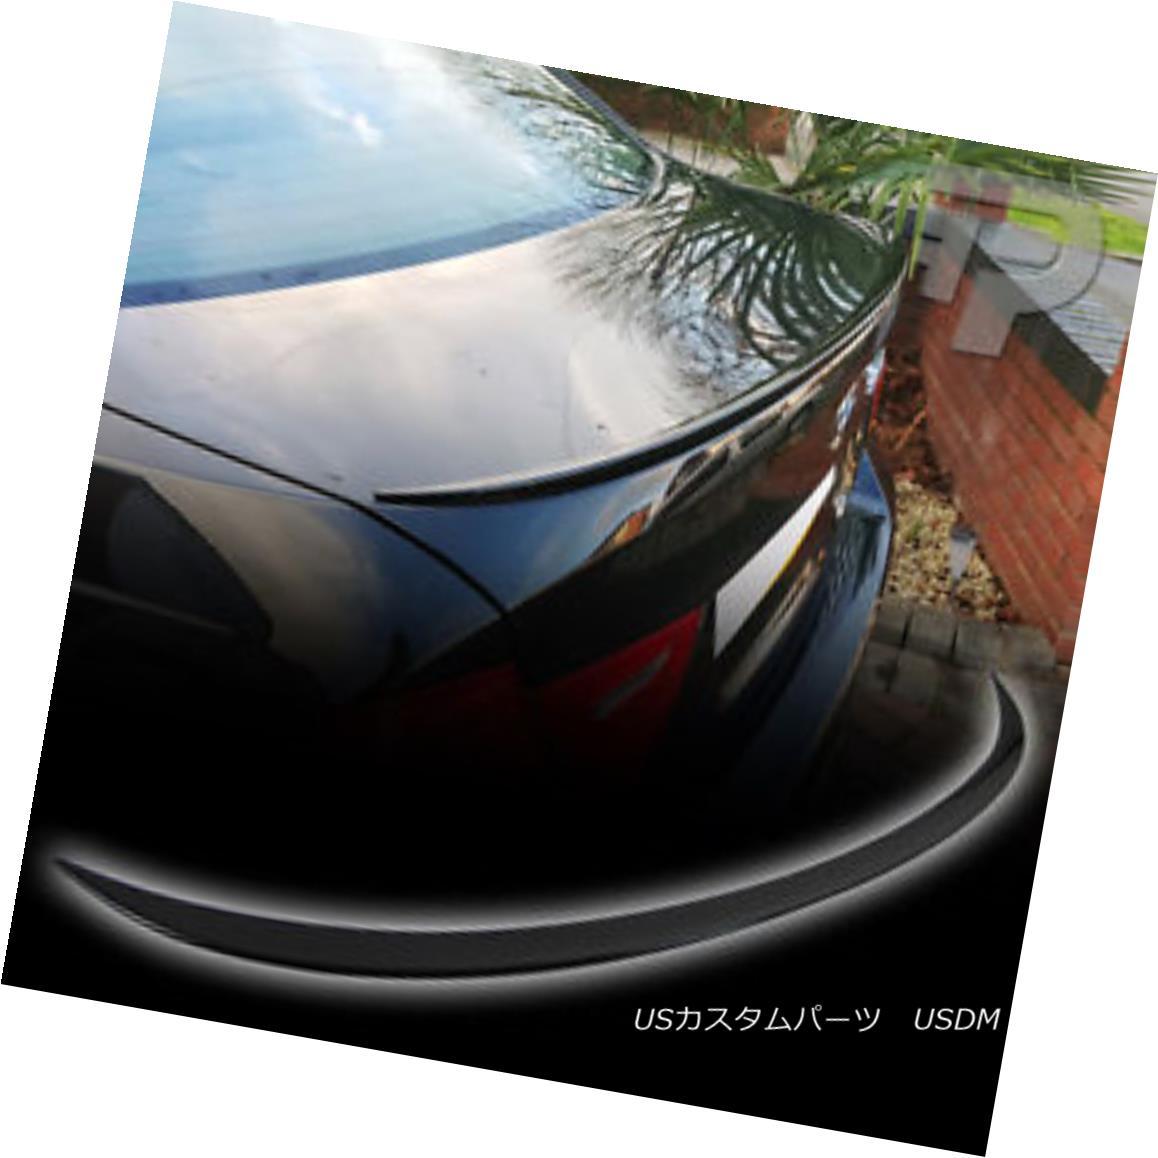 エアロパーツ PAINTED E90 BMW 4D SALOON M3-STYLE SPOILER BOOT REAR TRUNK #475 Black 328i 328i ペイントE90 BMW 4DサロンM3スタイルのスポイラーブーツリアトランク#475ブラック328i 328i